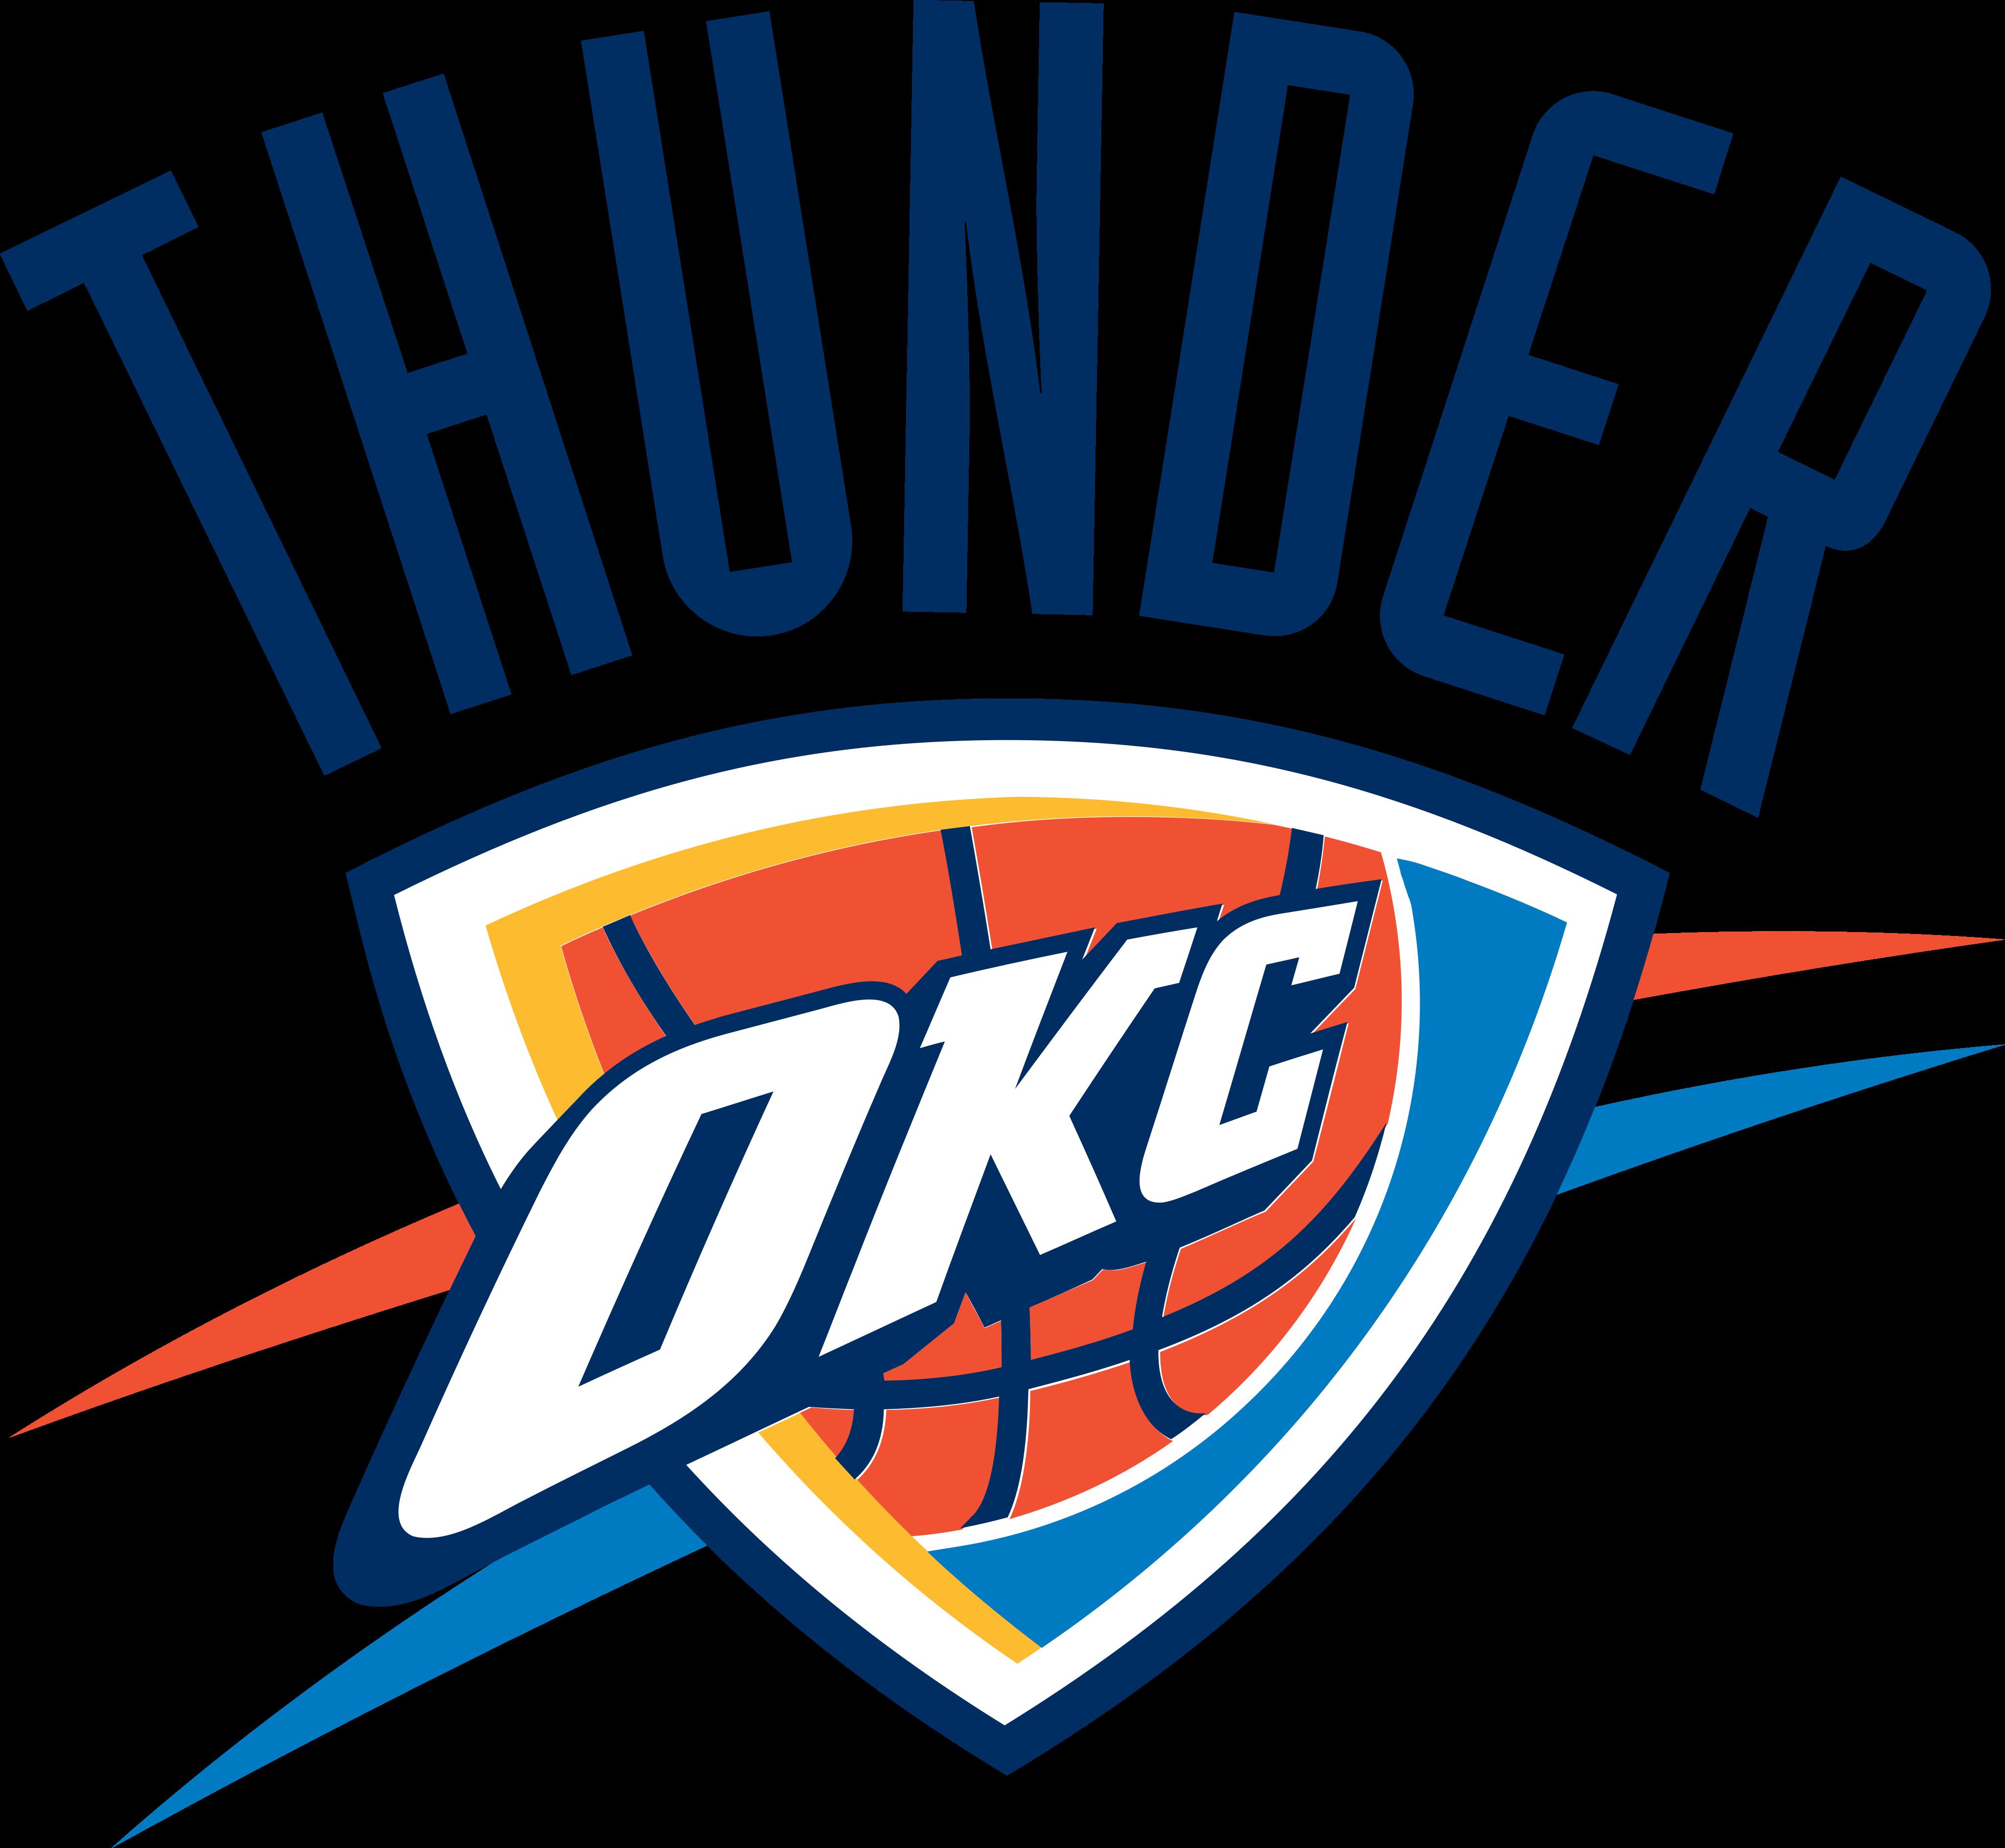 oklahoma city thunder logo 1 - Oklahoma City Thunder Logo